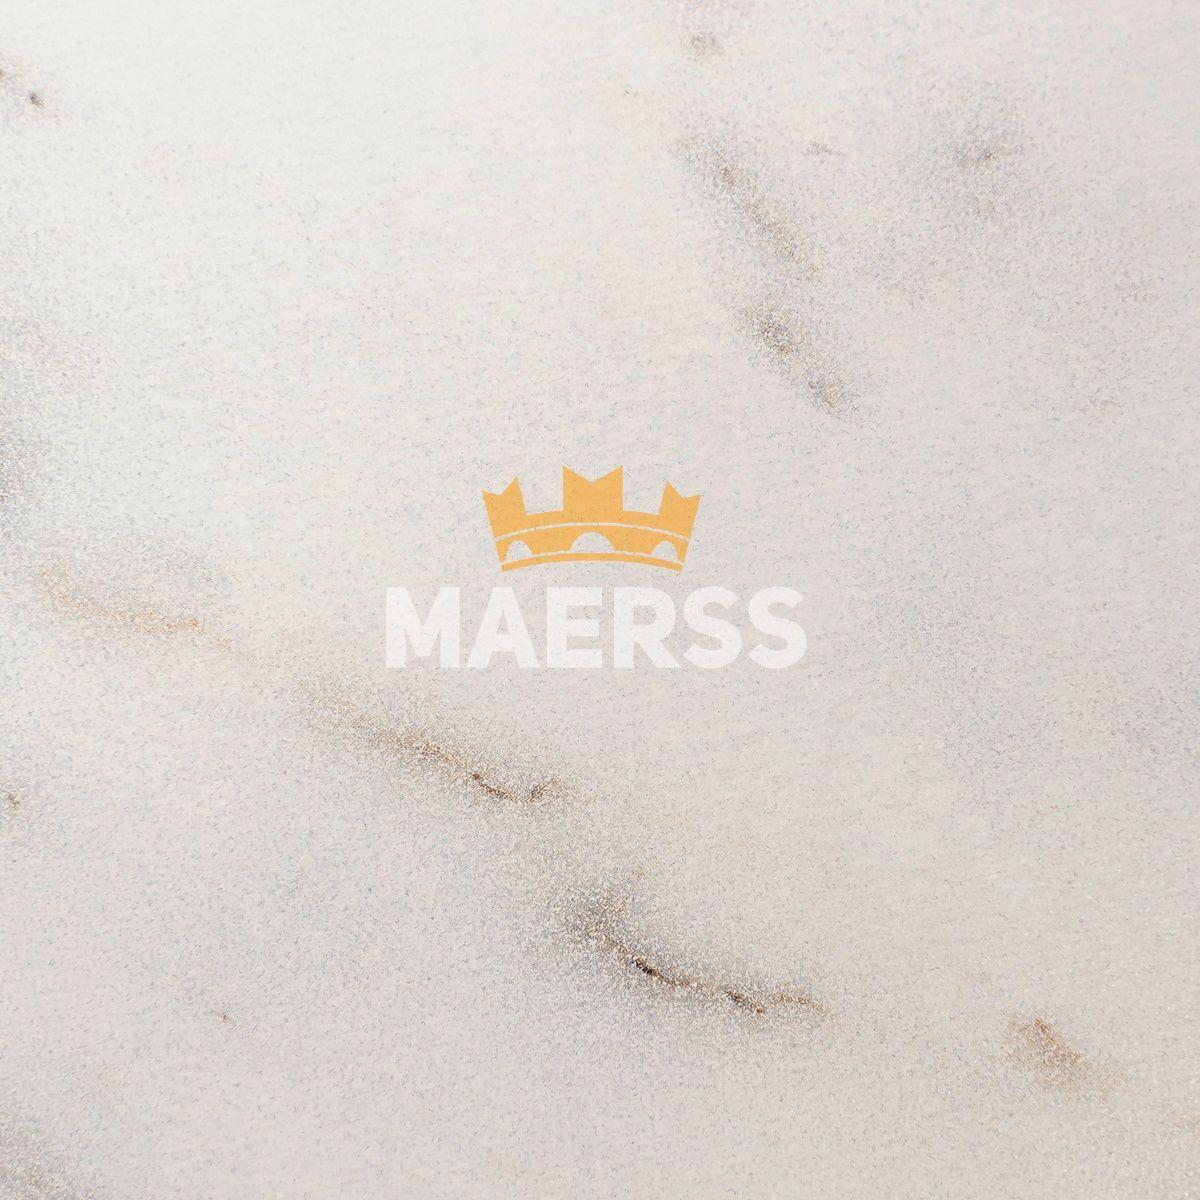 3027/S 3гр. Мрамор белый Стеновая панель 6*600*3050мм, купить на заказ в интернет магазине МАЕРСС